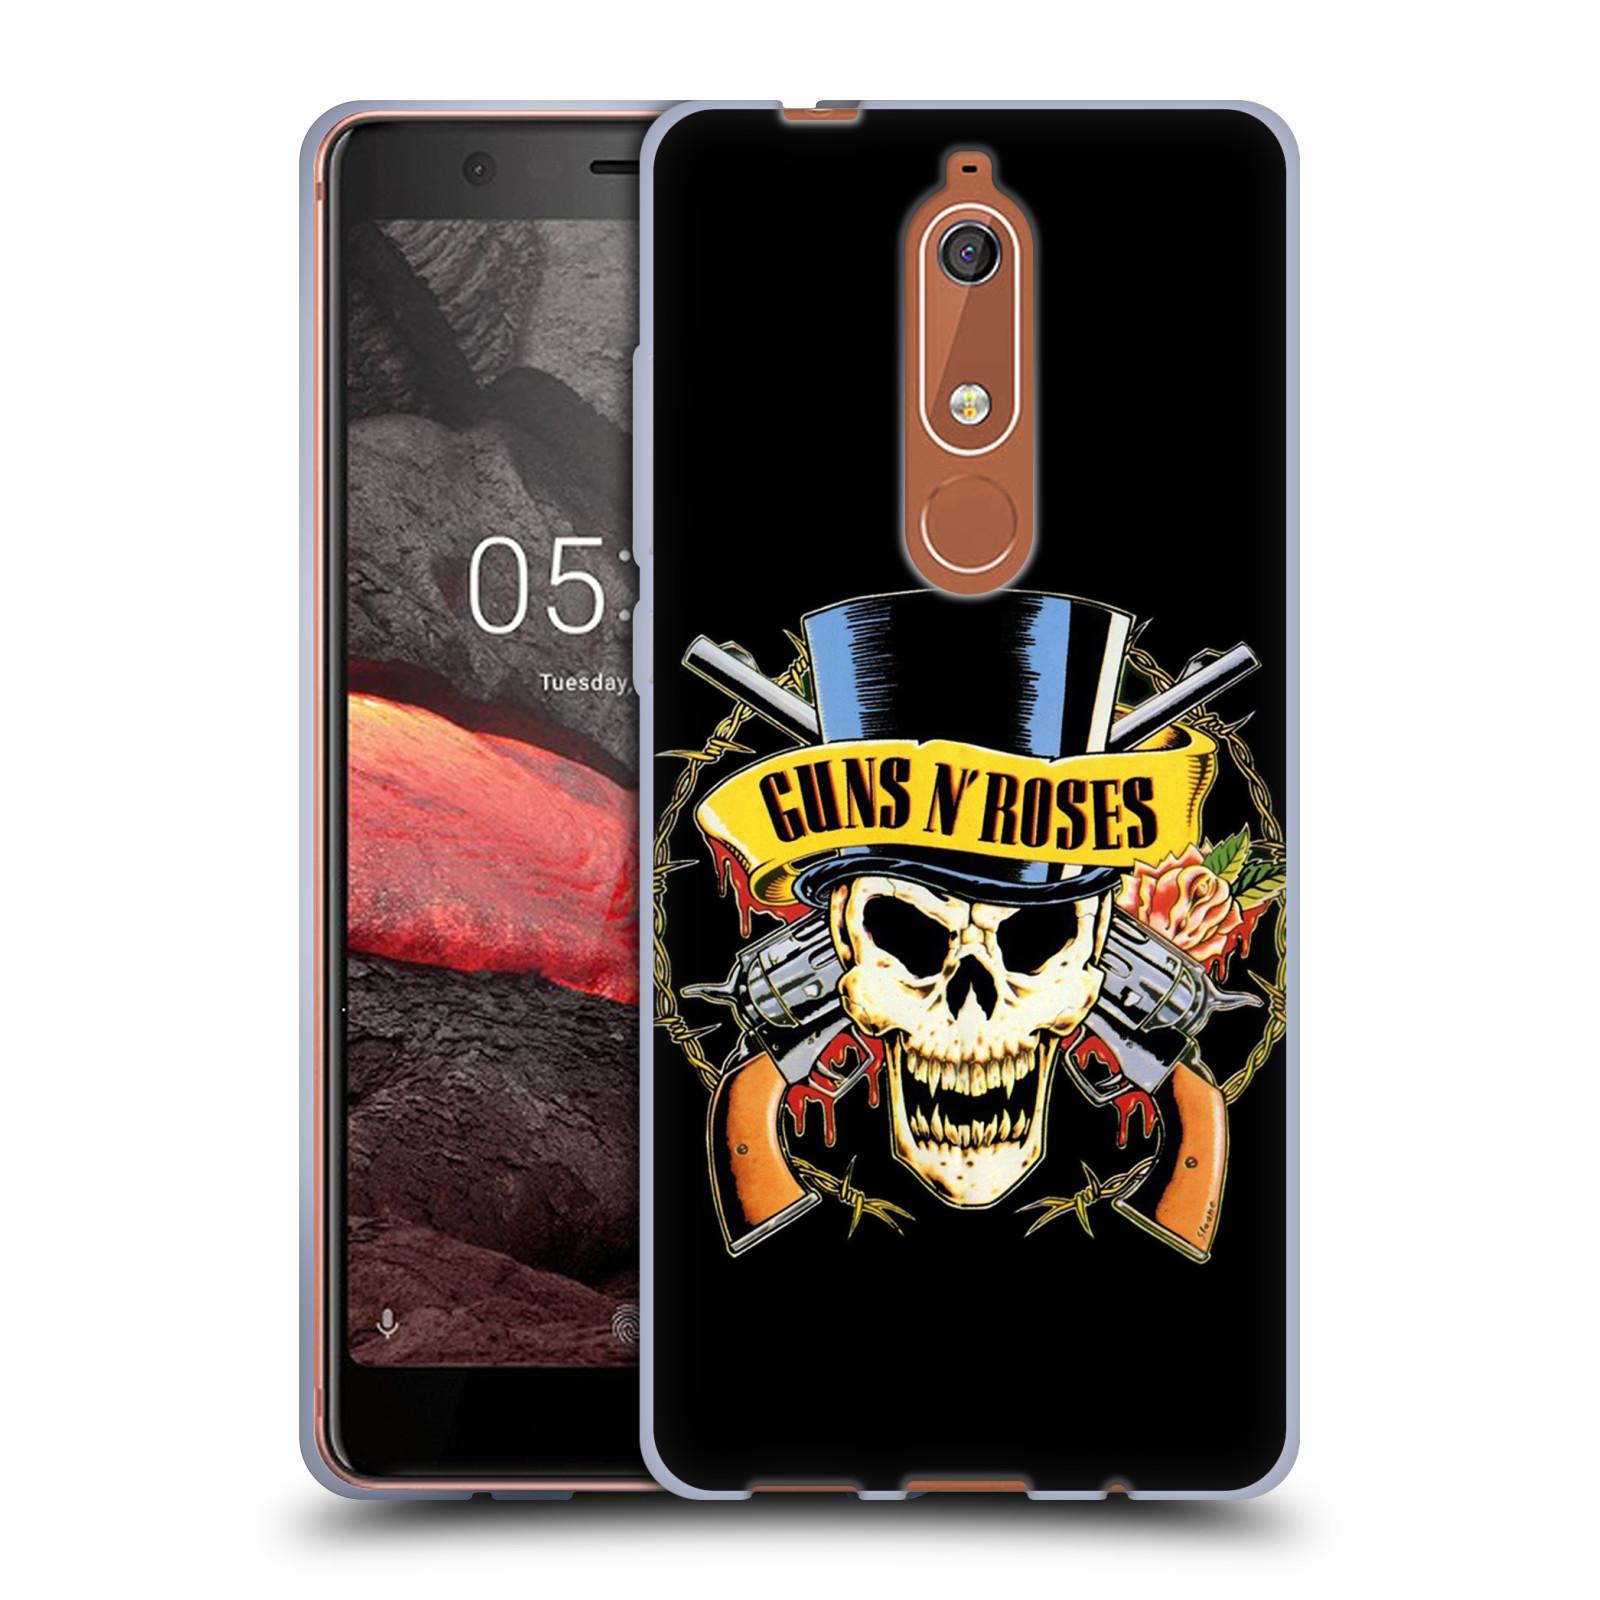 d8d074fc6 Silikonové pouzdro na mobil Nokia 5.1 - Head Case - Guns N' Roses - Lebka